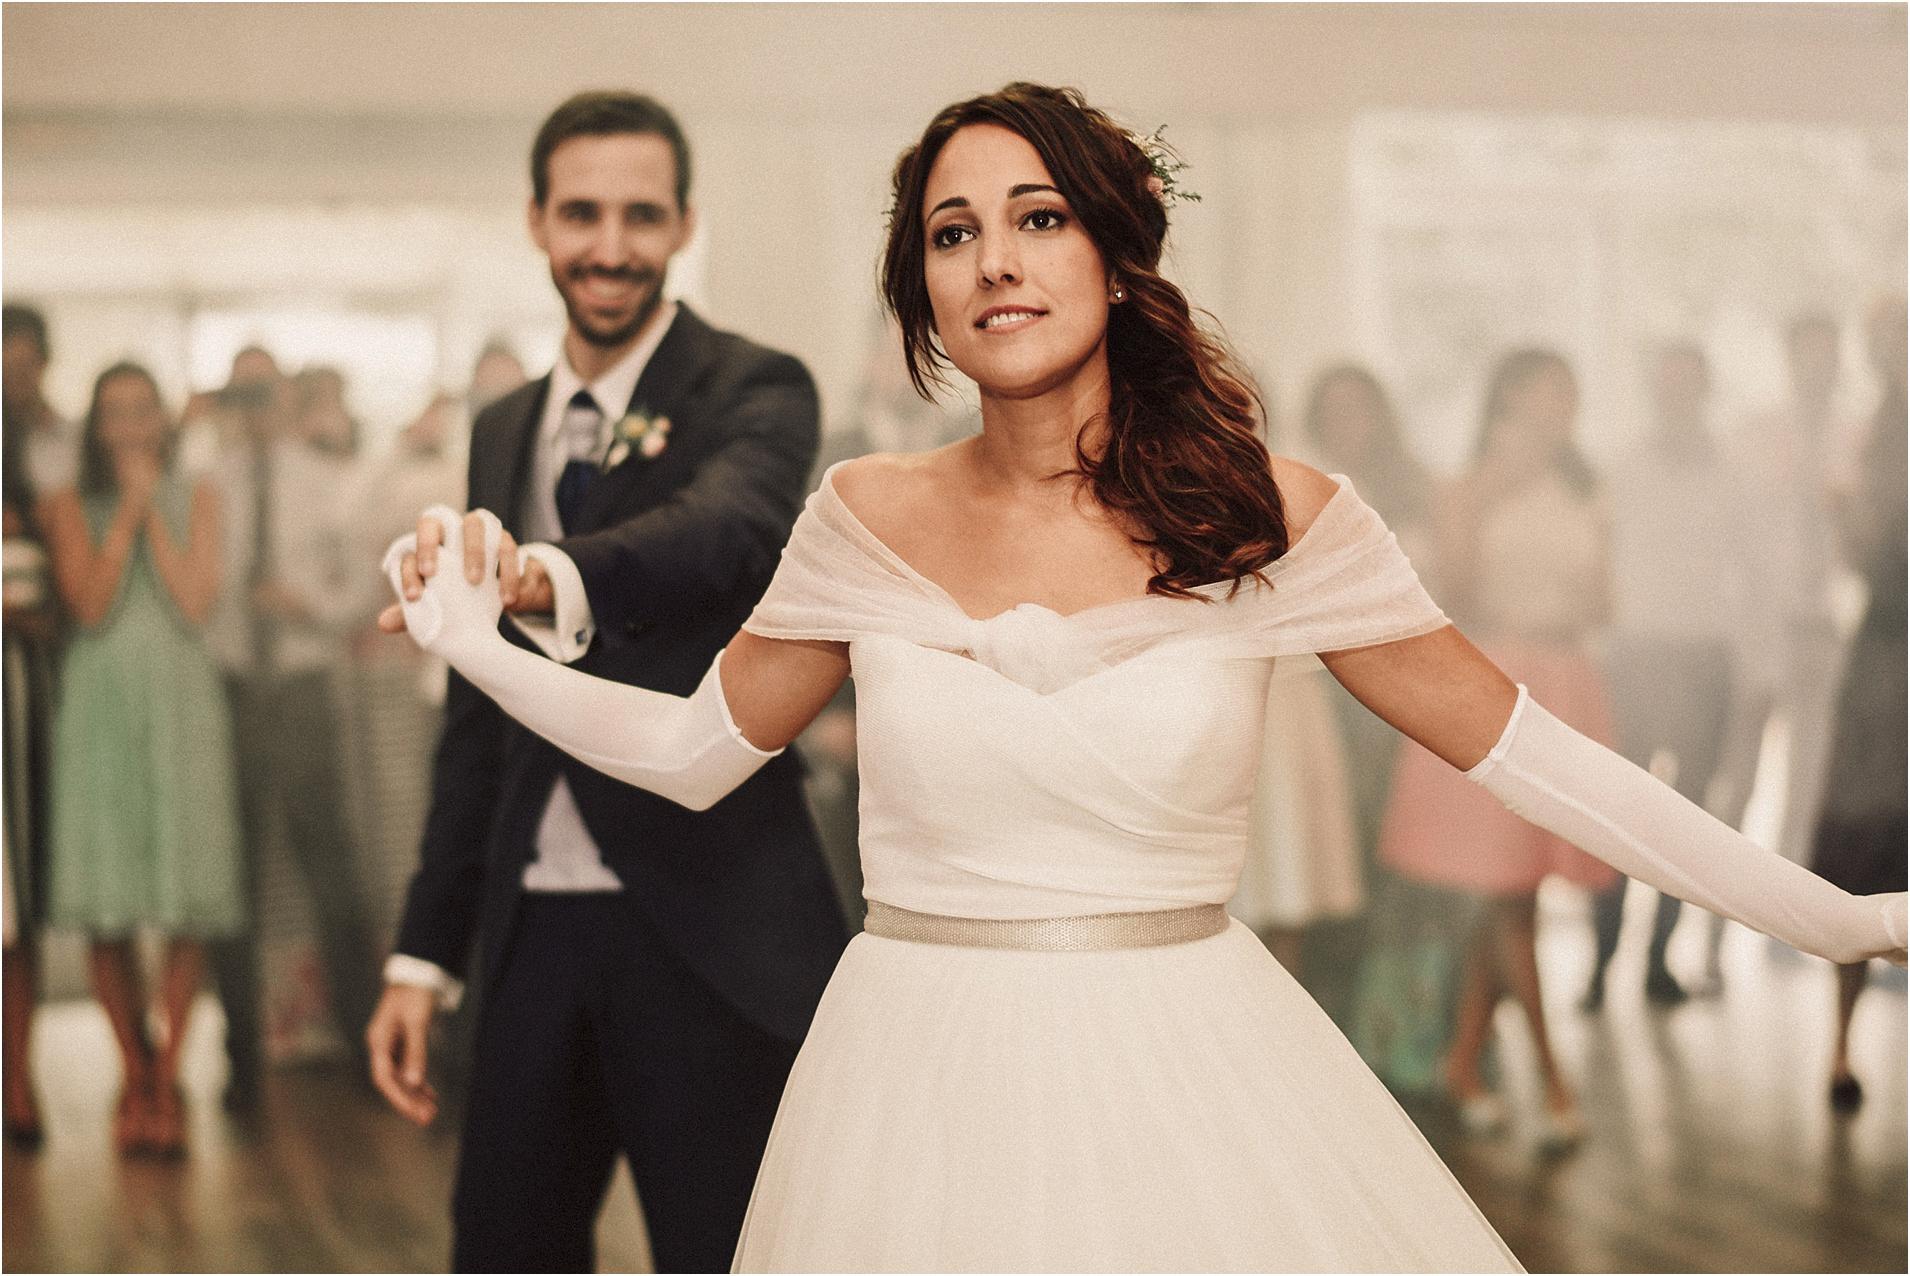 Fotografos-de-boda-donostia-zaragoza-san-sebastian-destination-wedding-photographer-103.jpg